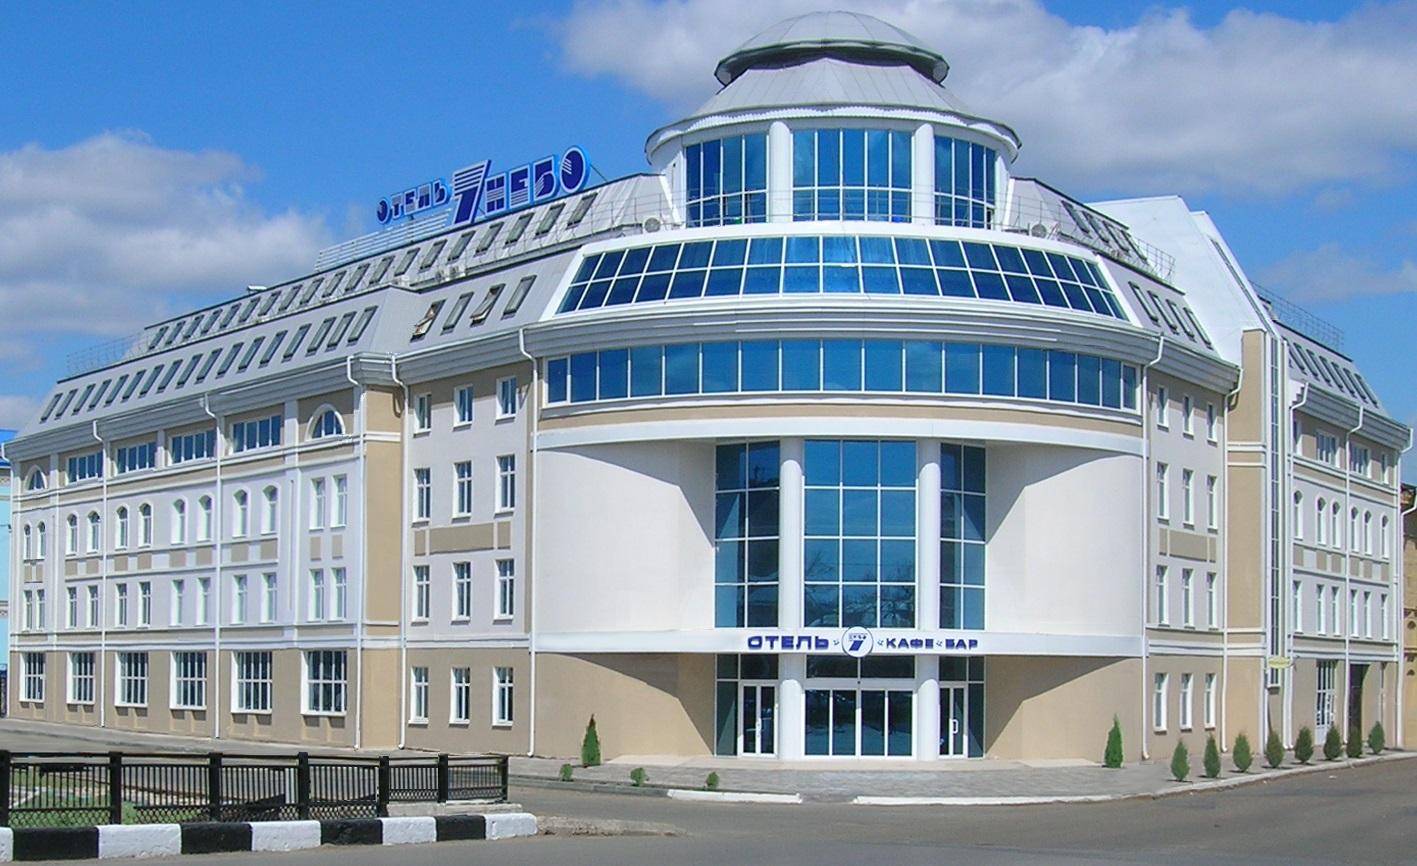 Отель 7 НЕБО (Астрахань)